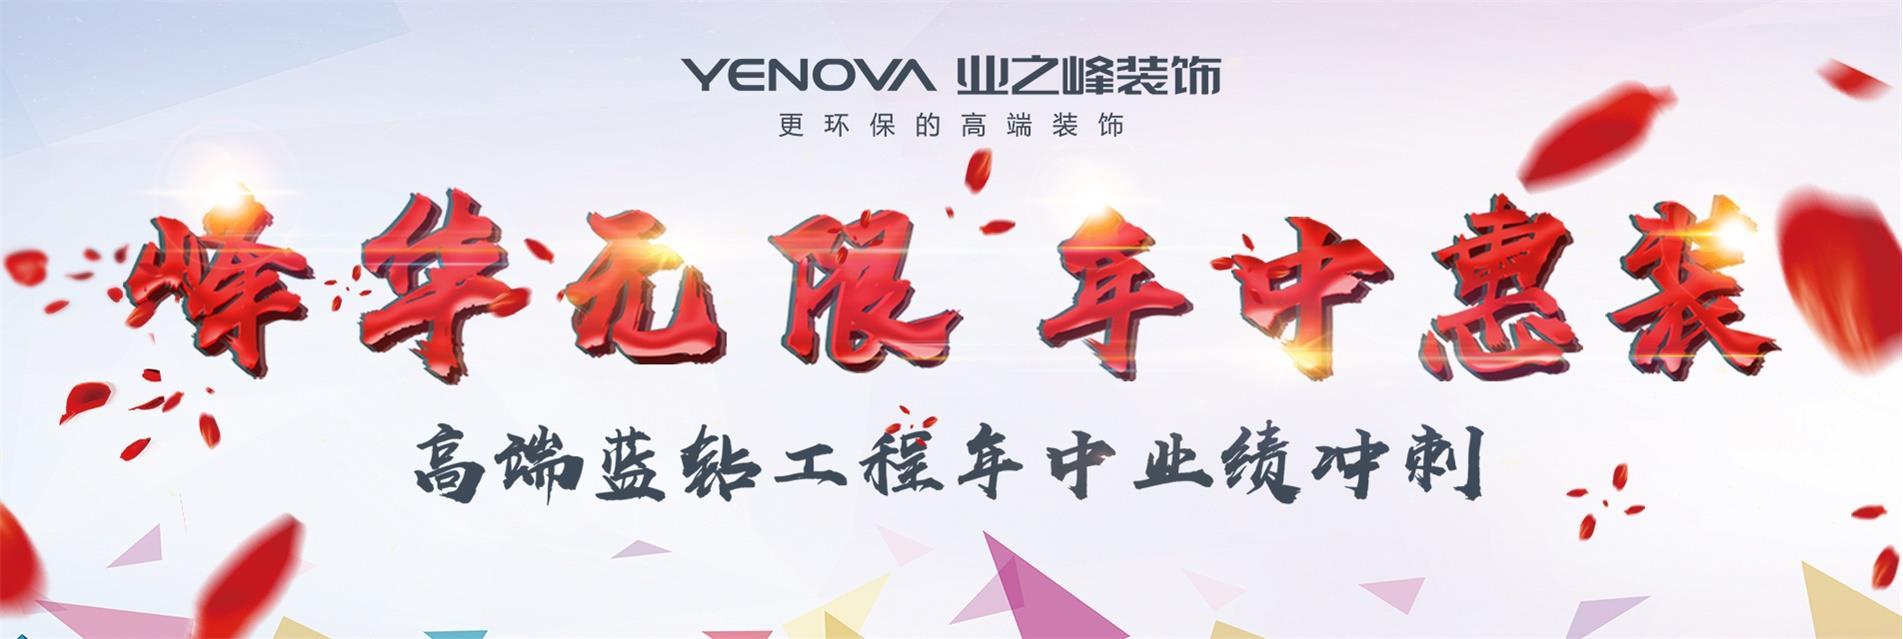 烏魯木齊裝修活動業之峰裝飾烏魯木齊公司《峰華無限-年中惠裝》